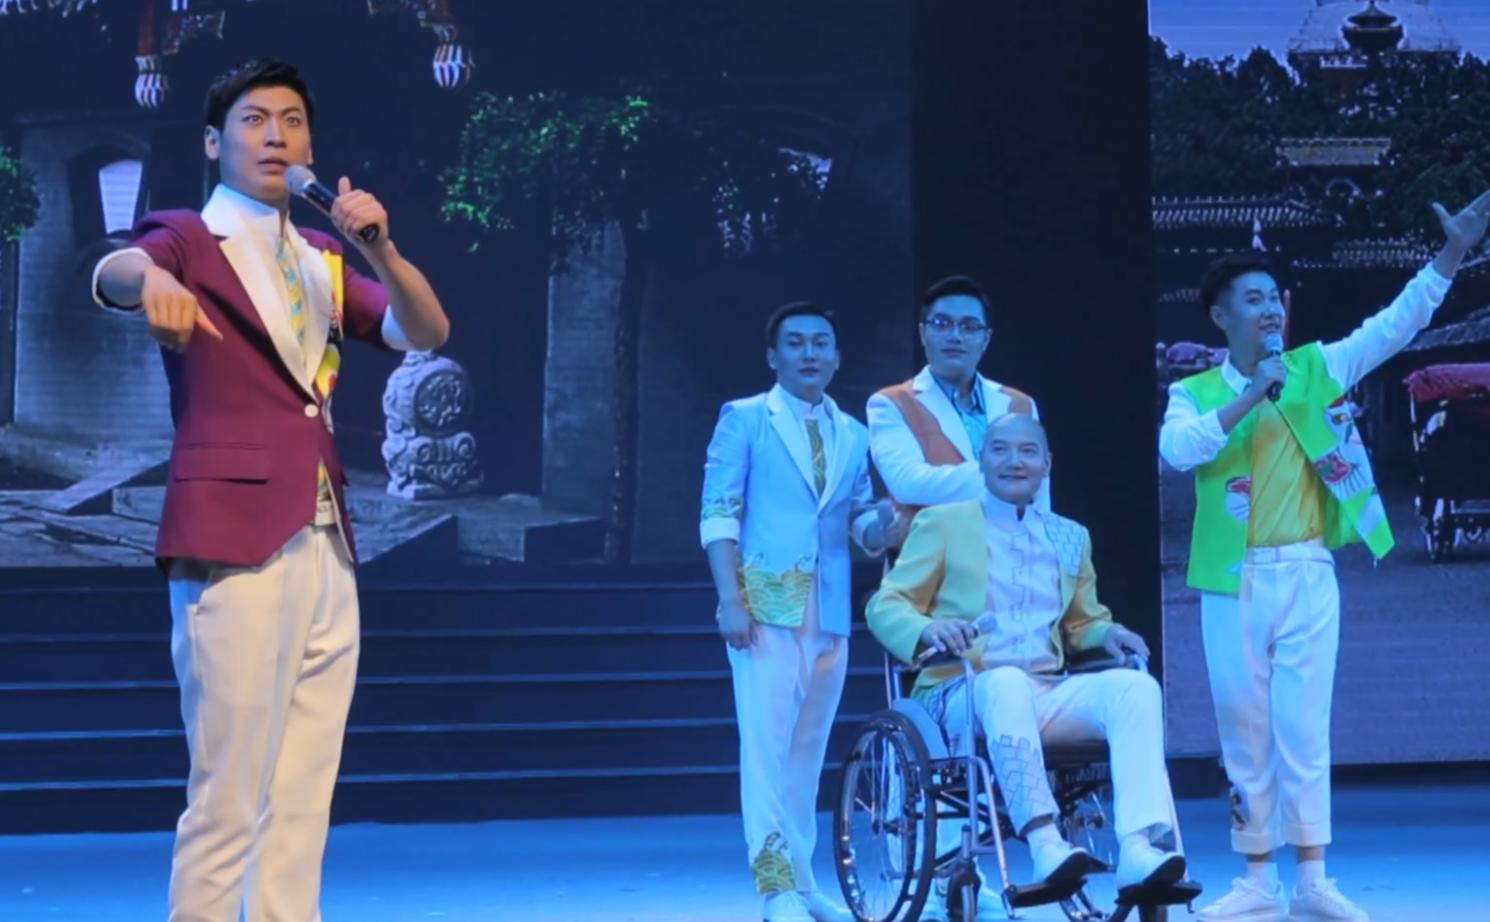 第十七屆群星獎評獎活動——北京地區(音樂類)選拔活動入圍歌曲《四合院兒》